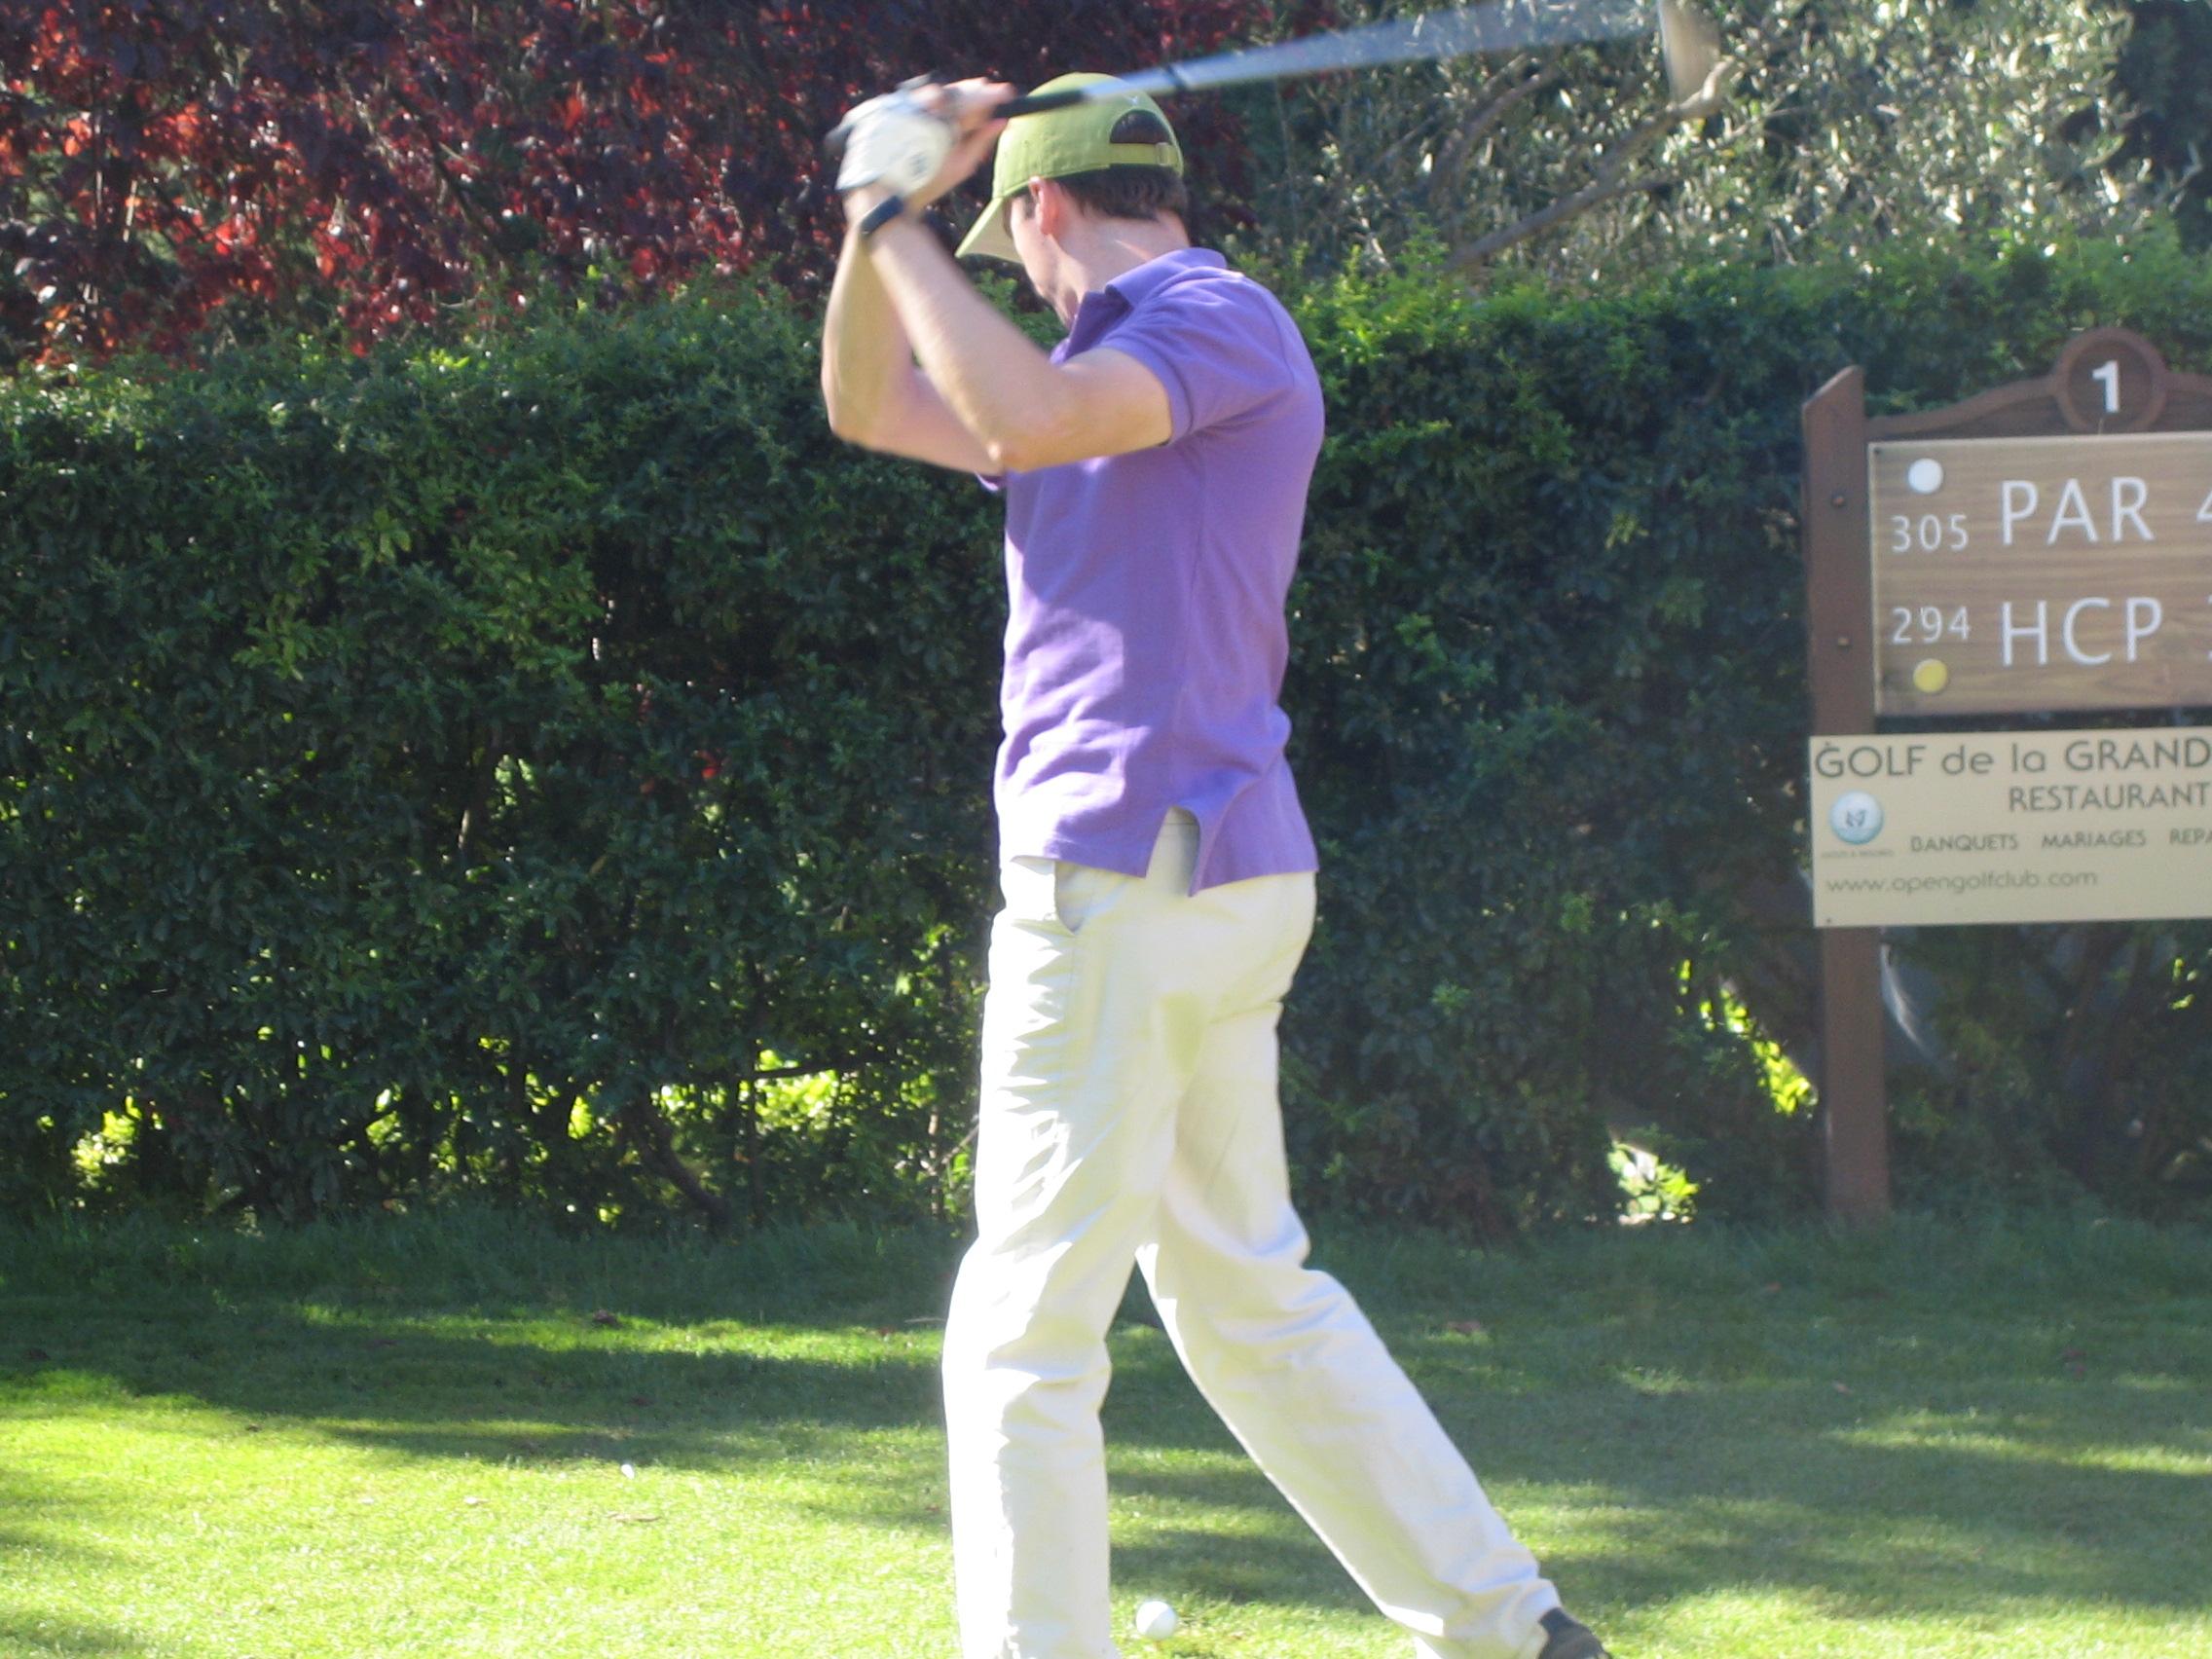 Avatar of golfer named Matthieu Bouquet